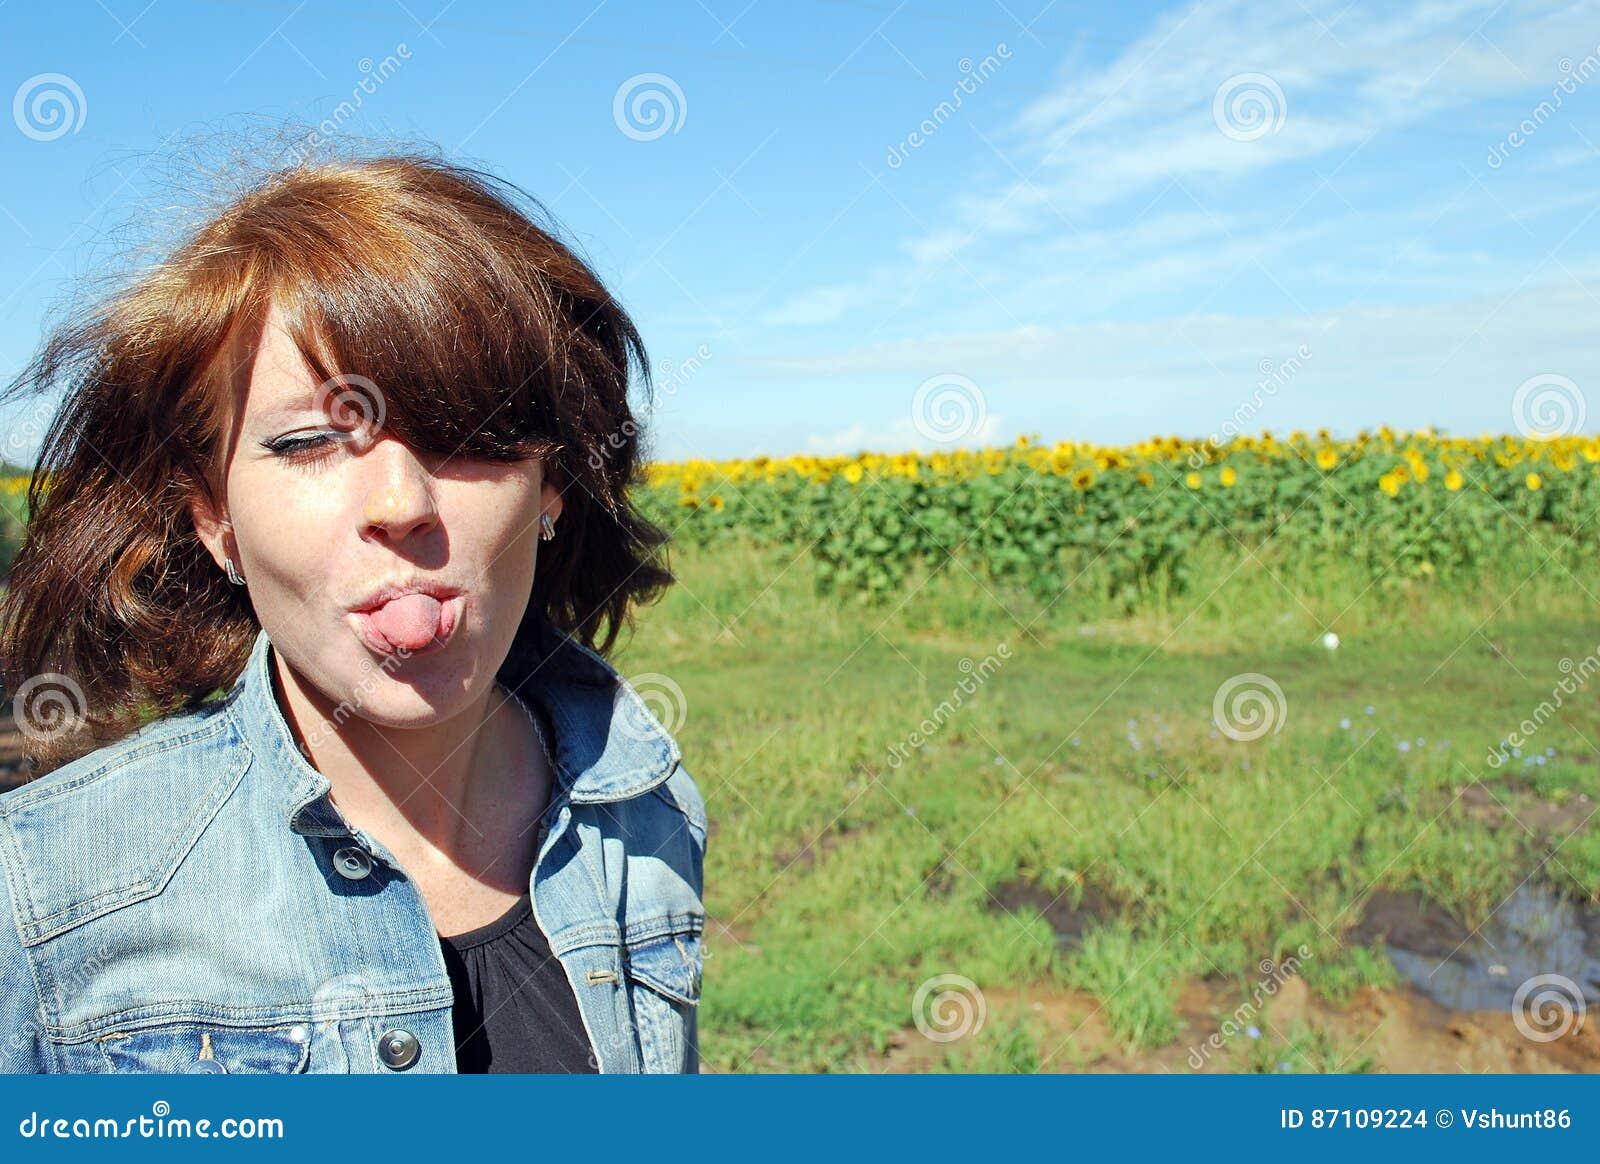 Den attraktiva unga flickan som är lycklig sätter ut tungan mot bakgrunden av fältet av solrosor